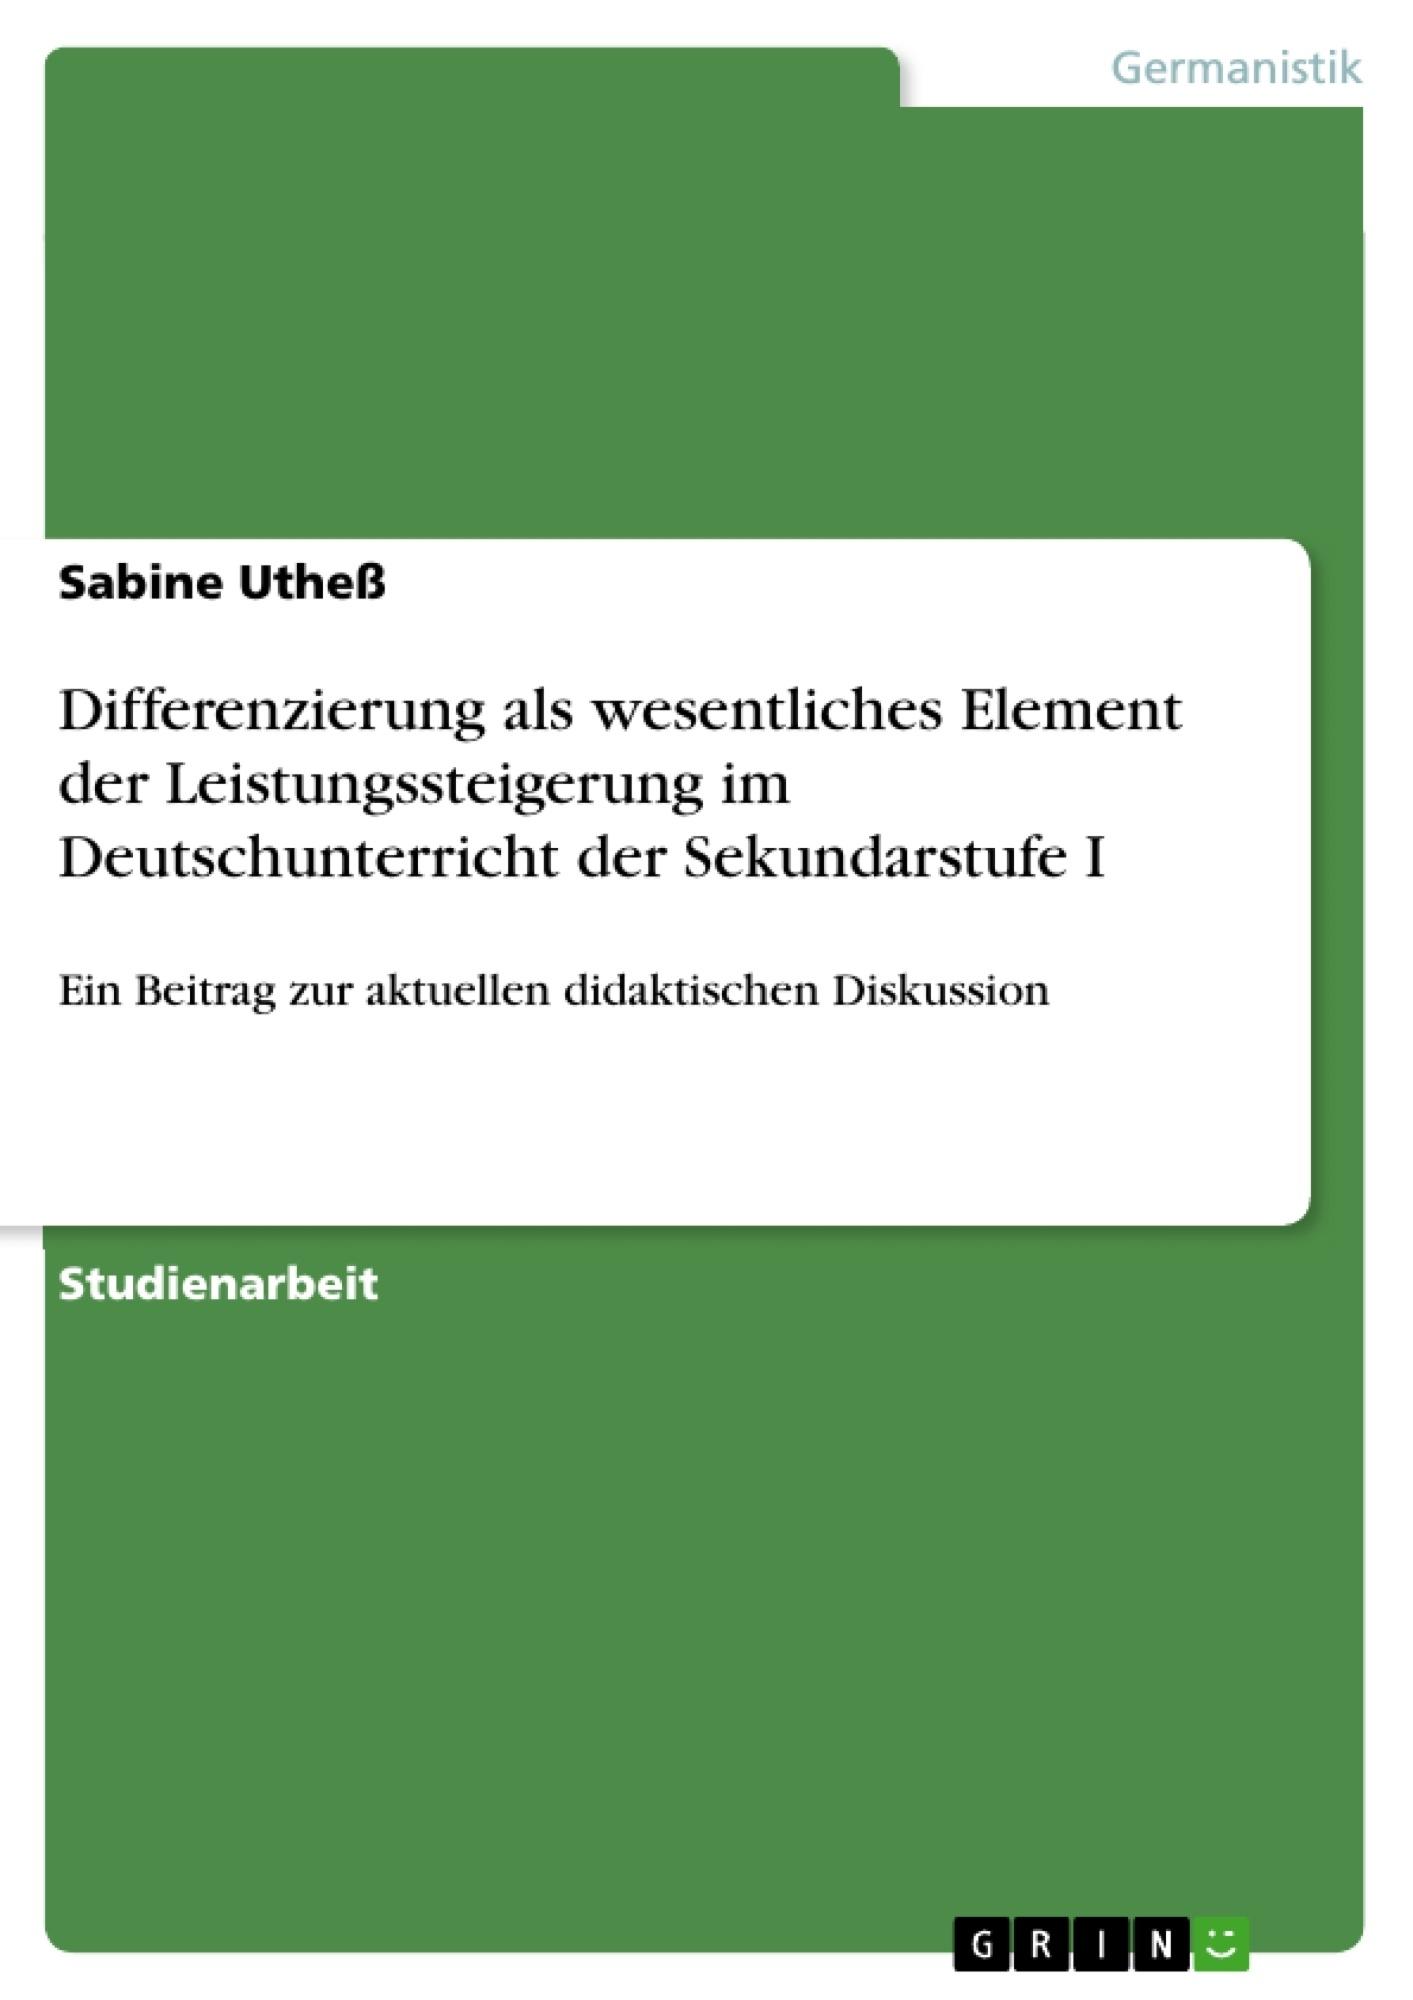 Titel: Differenzierung als wesentliches Element der Leistungssteigerung im Deutschunterricht der Sekundarstufe I